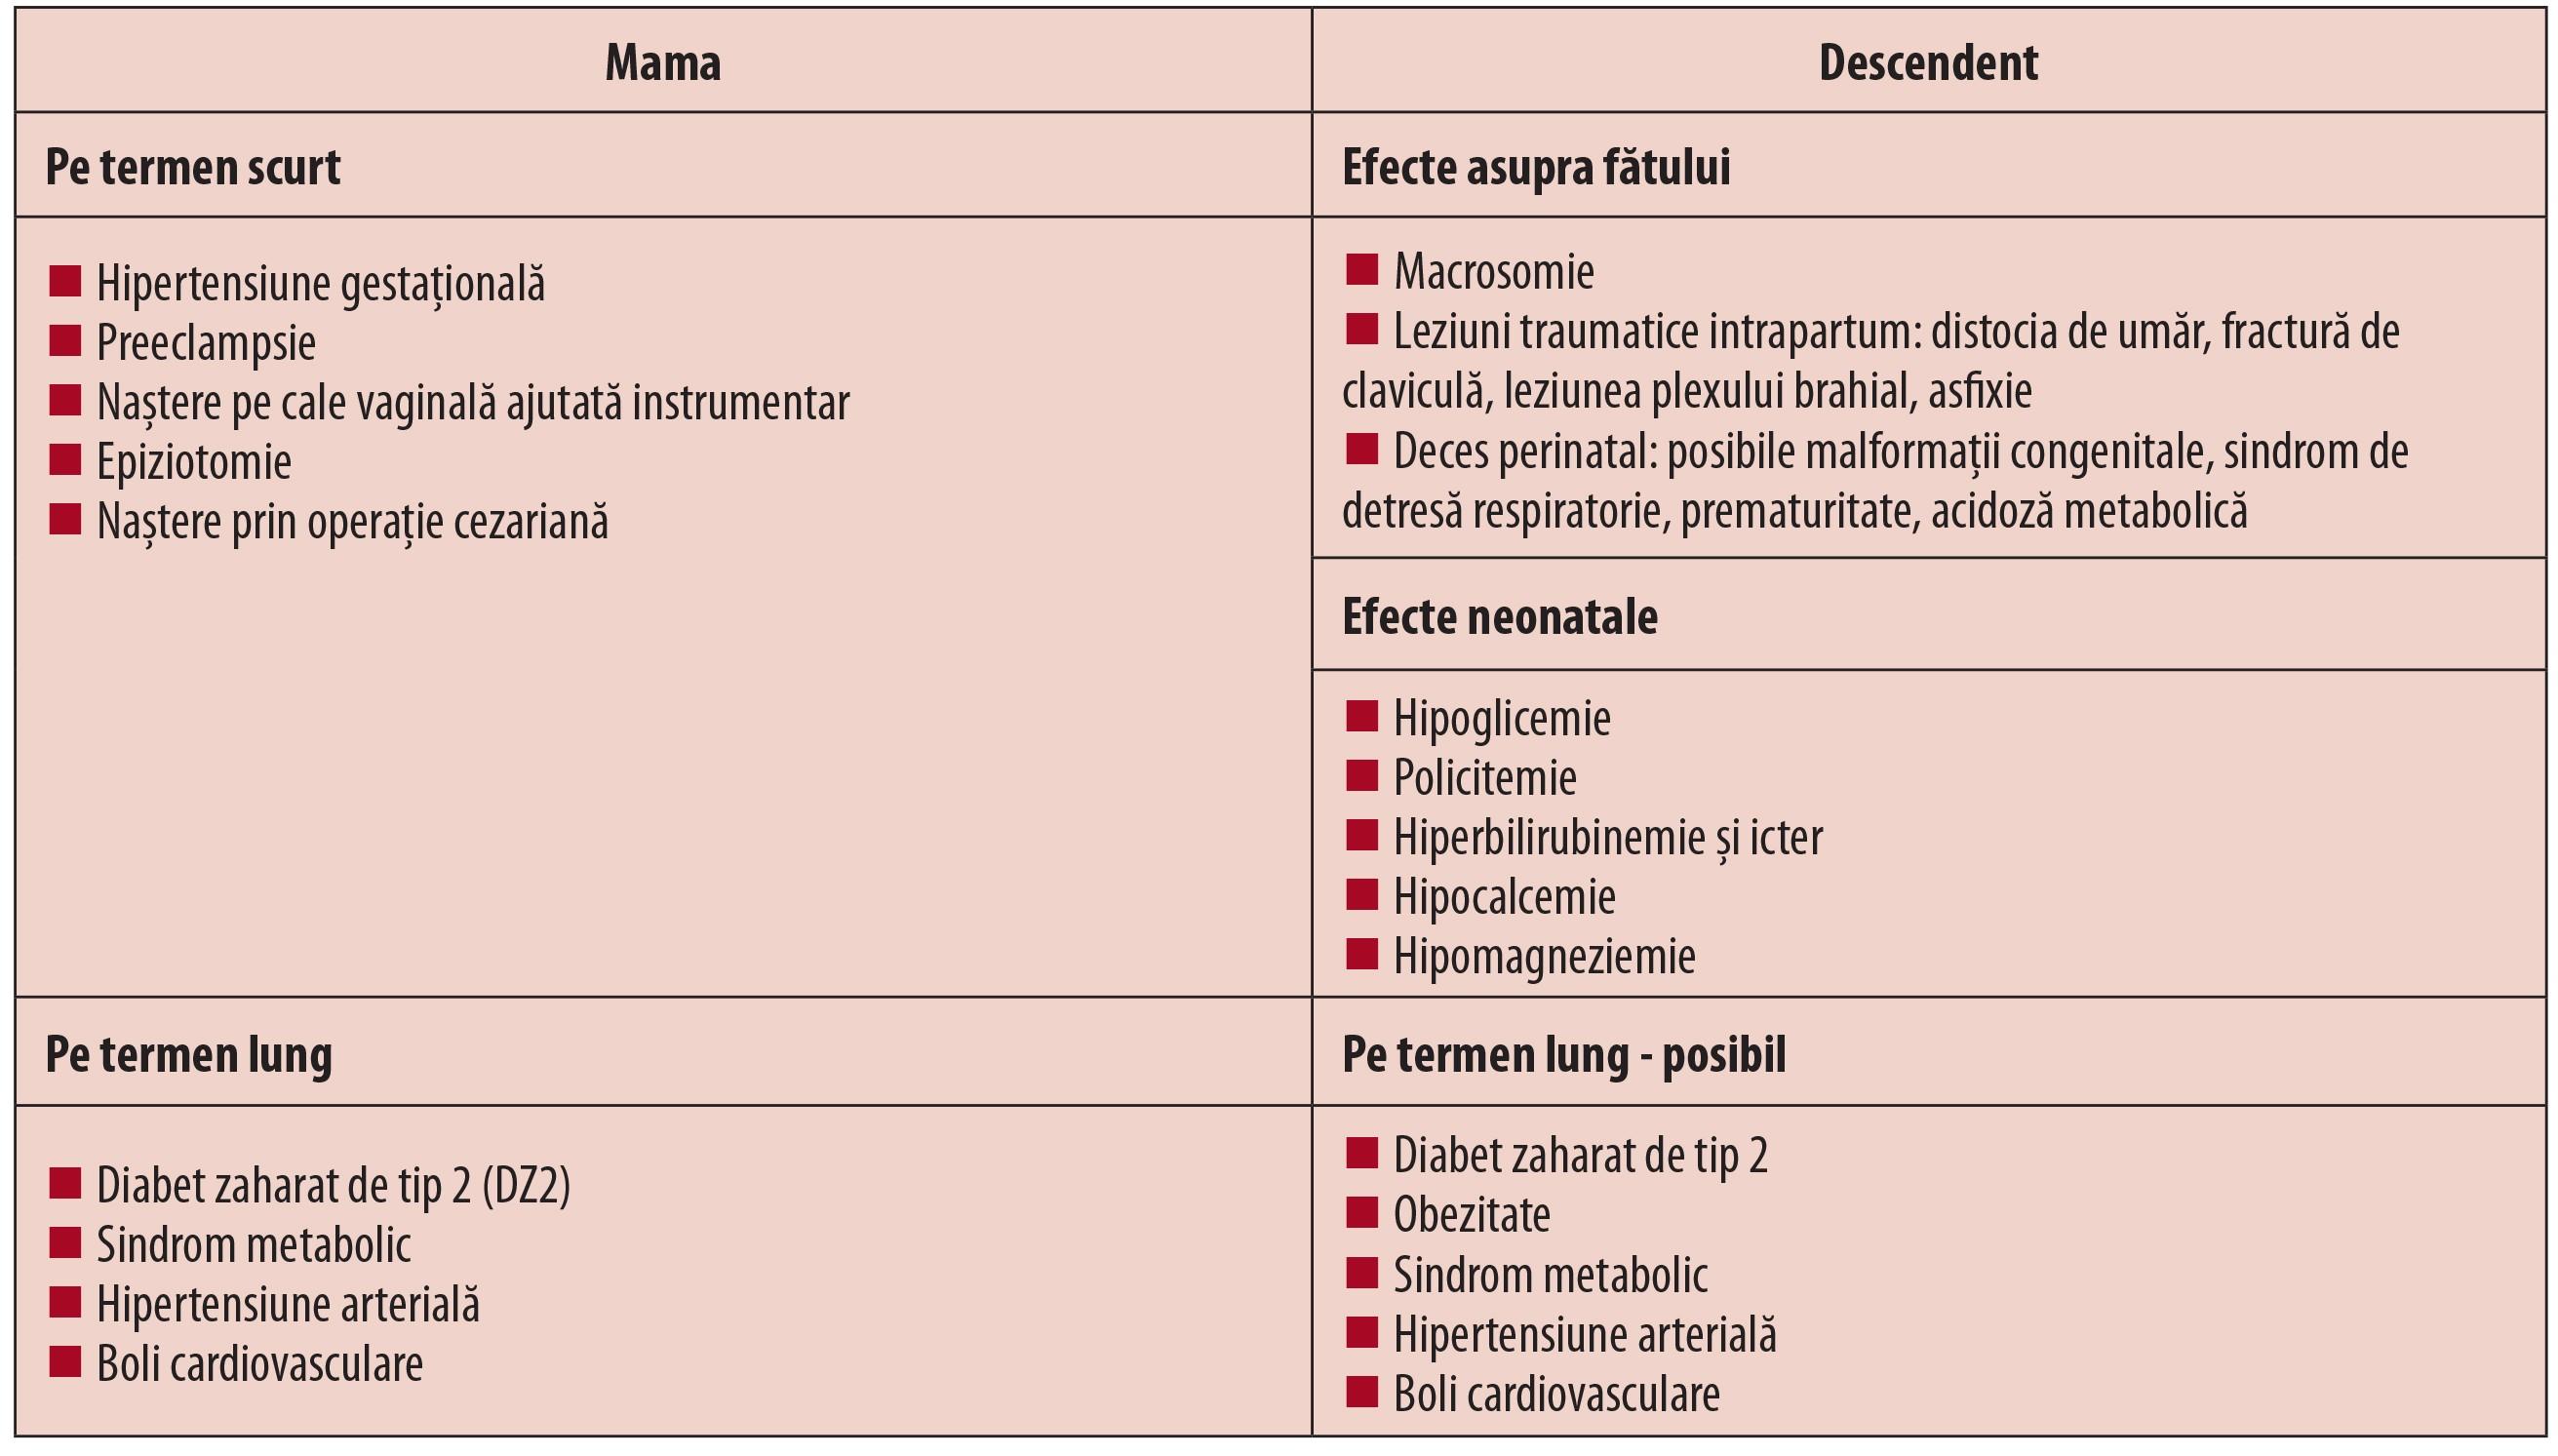 Hiperinsulinemie simptome